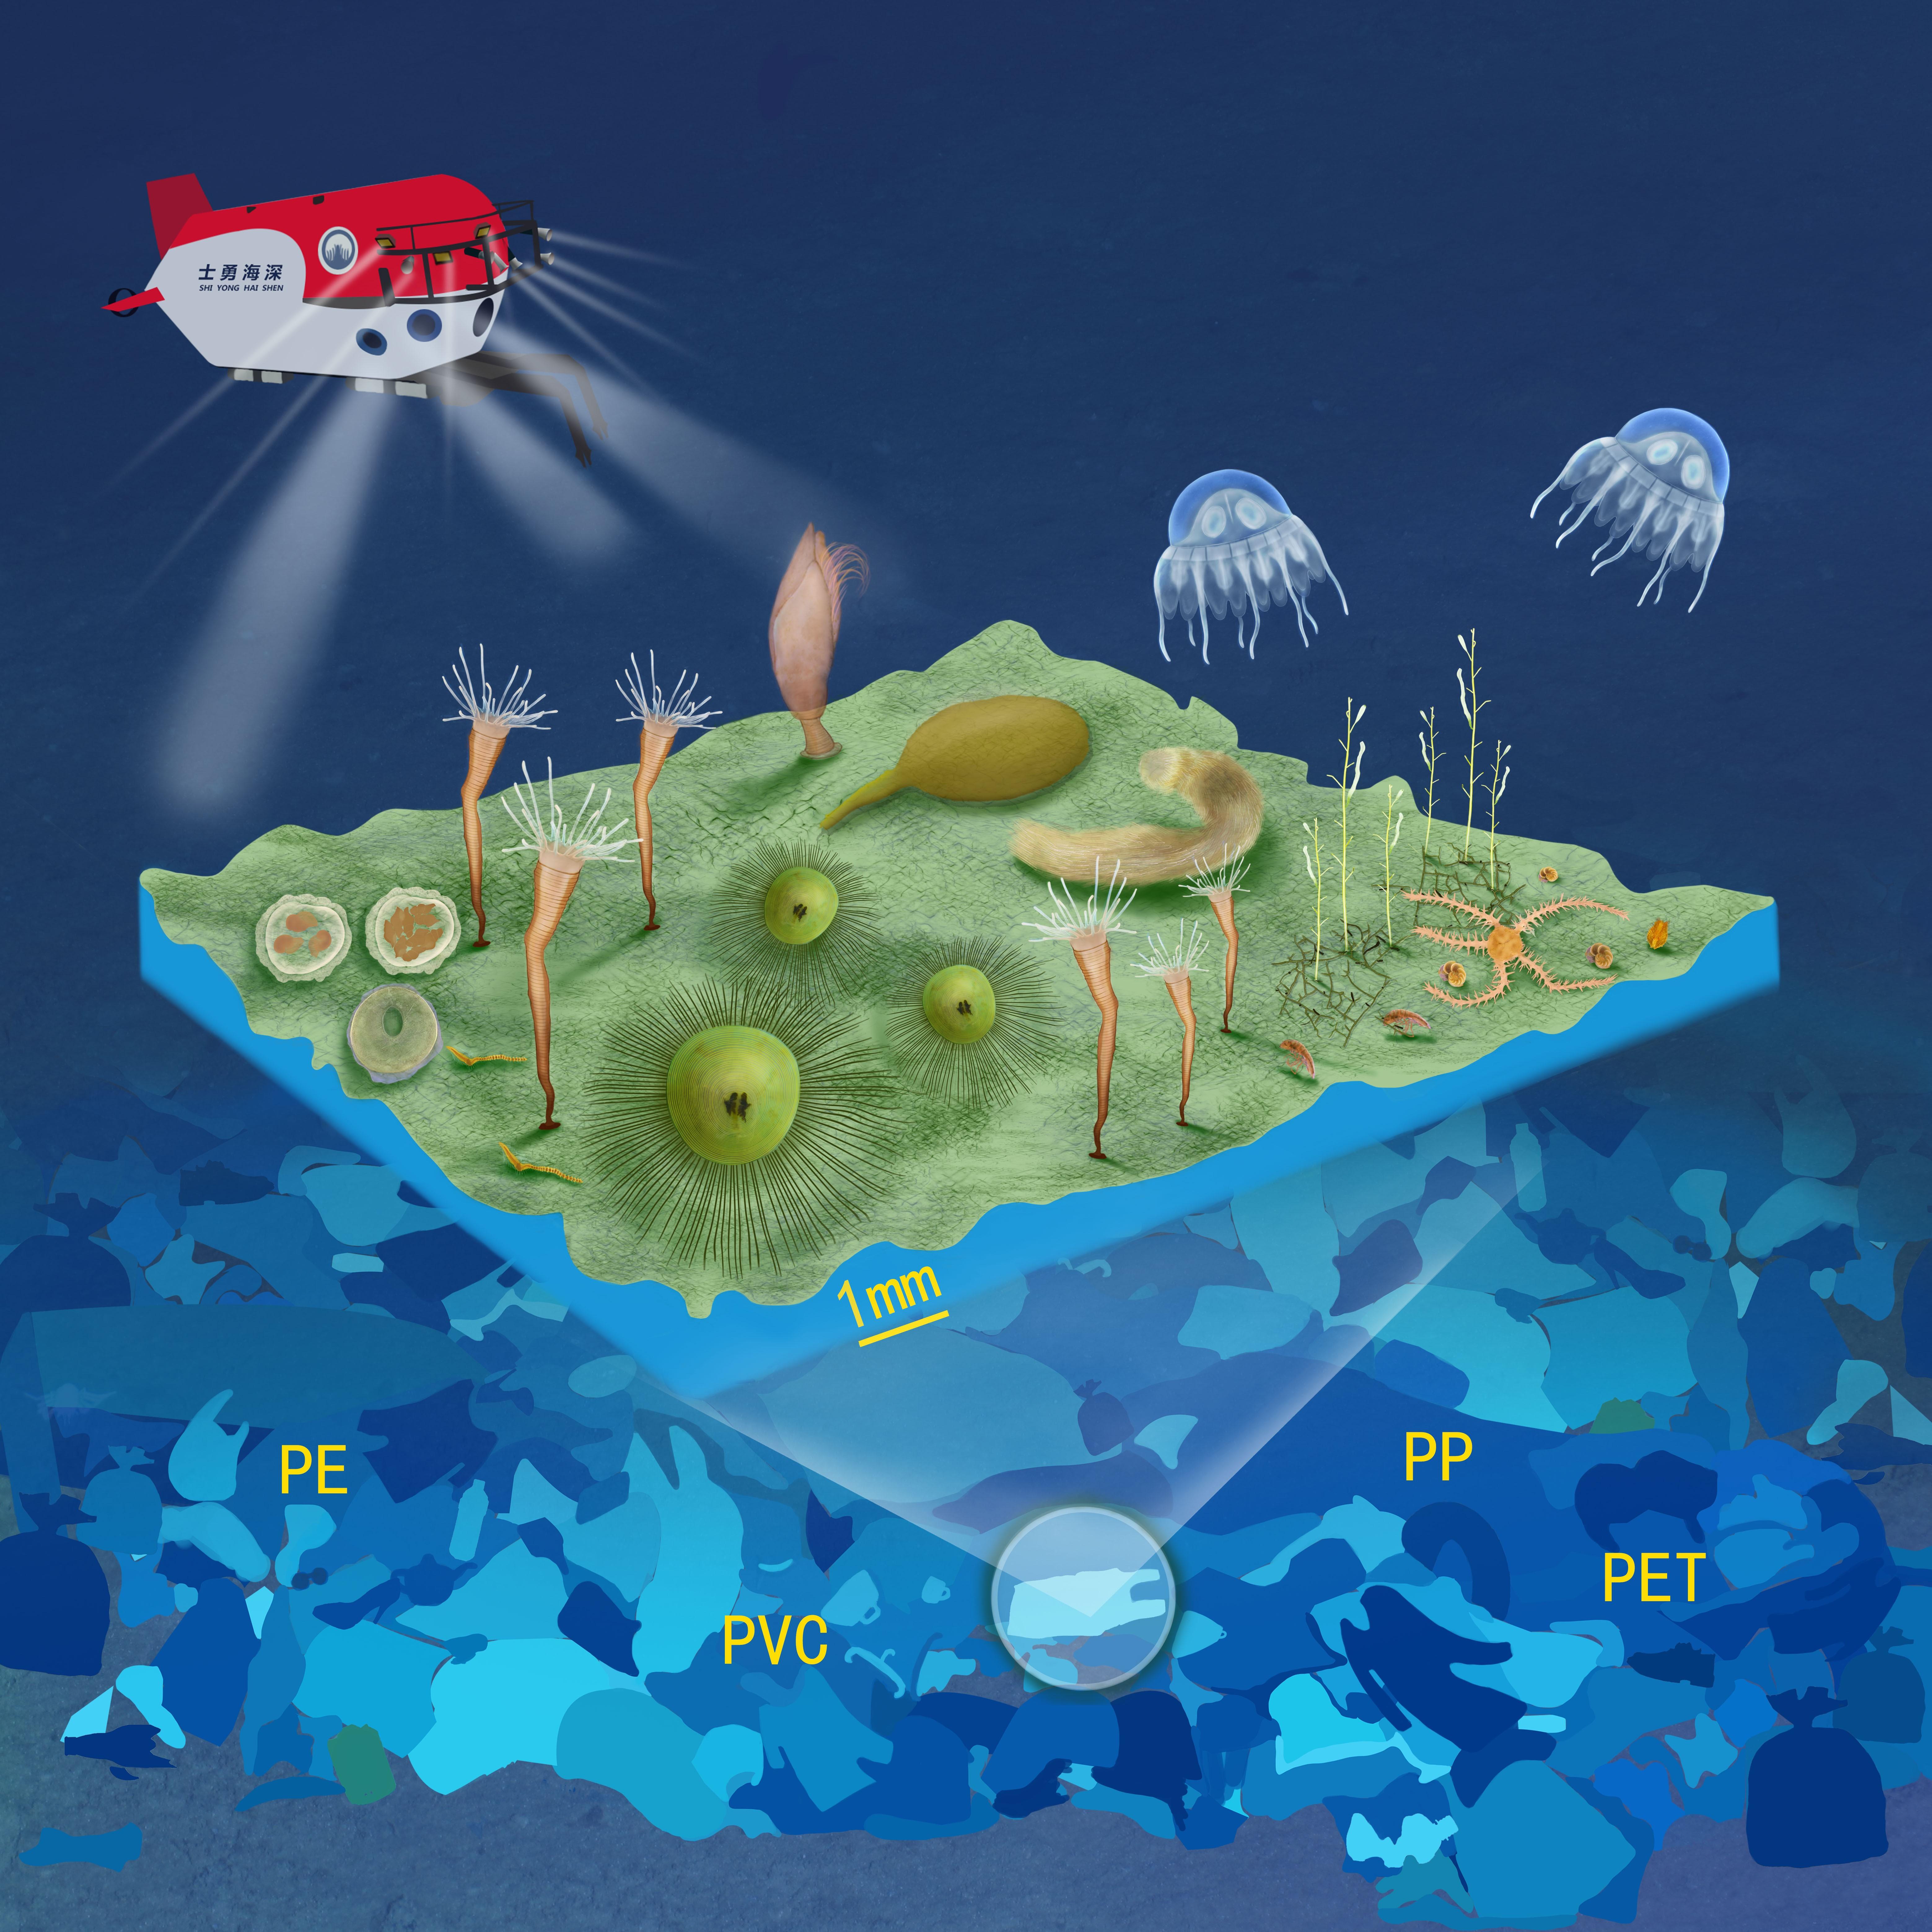 研究人员发现深海塑料生物群落并被《自然》遴选为研究亮点